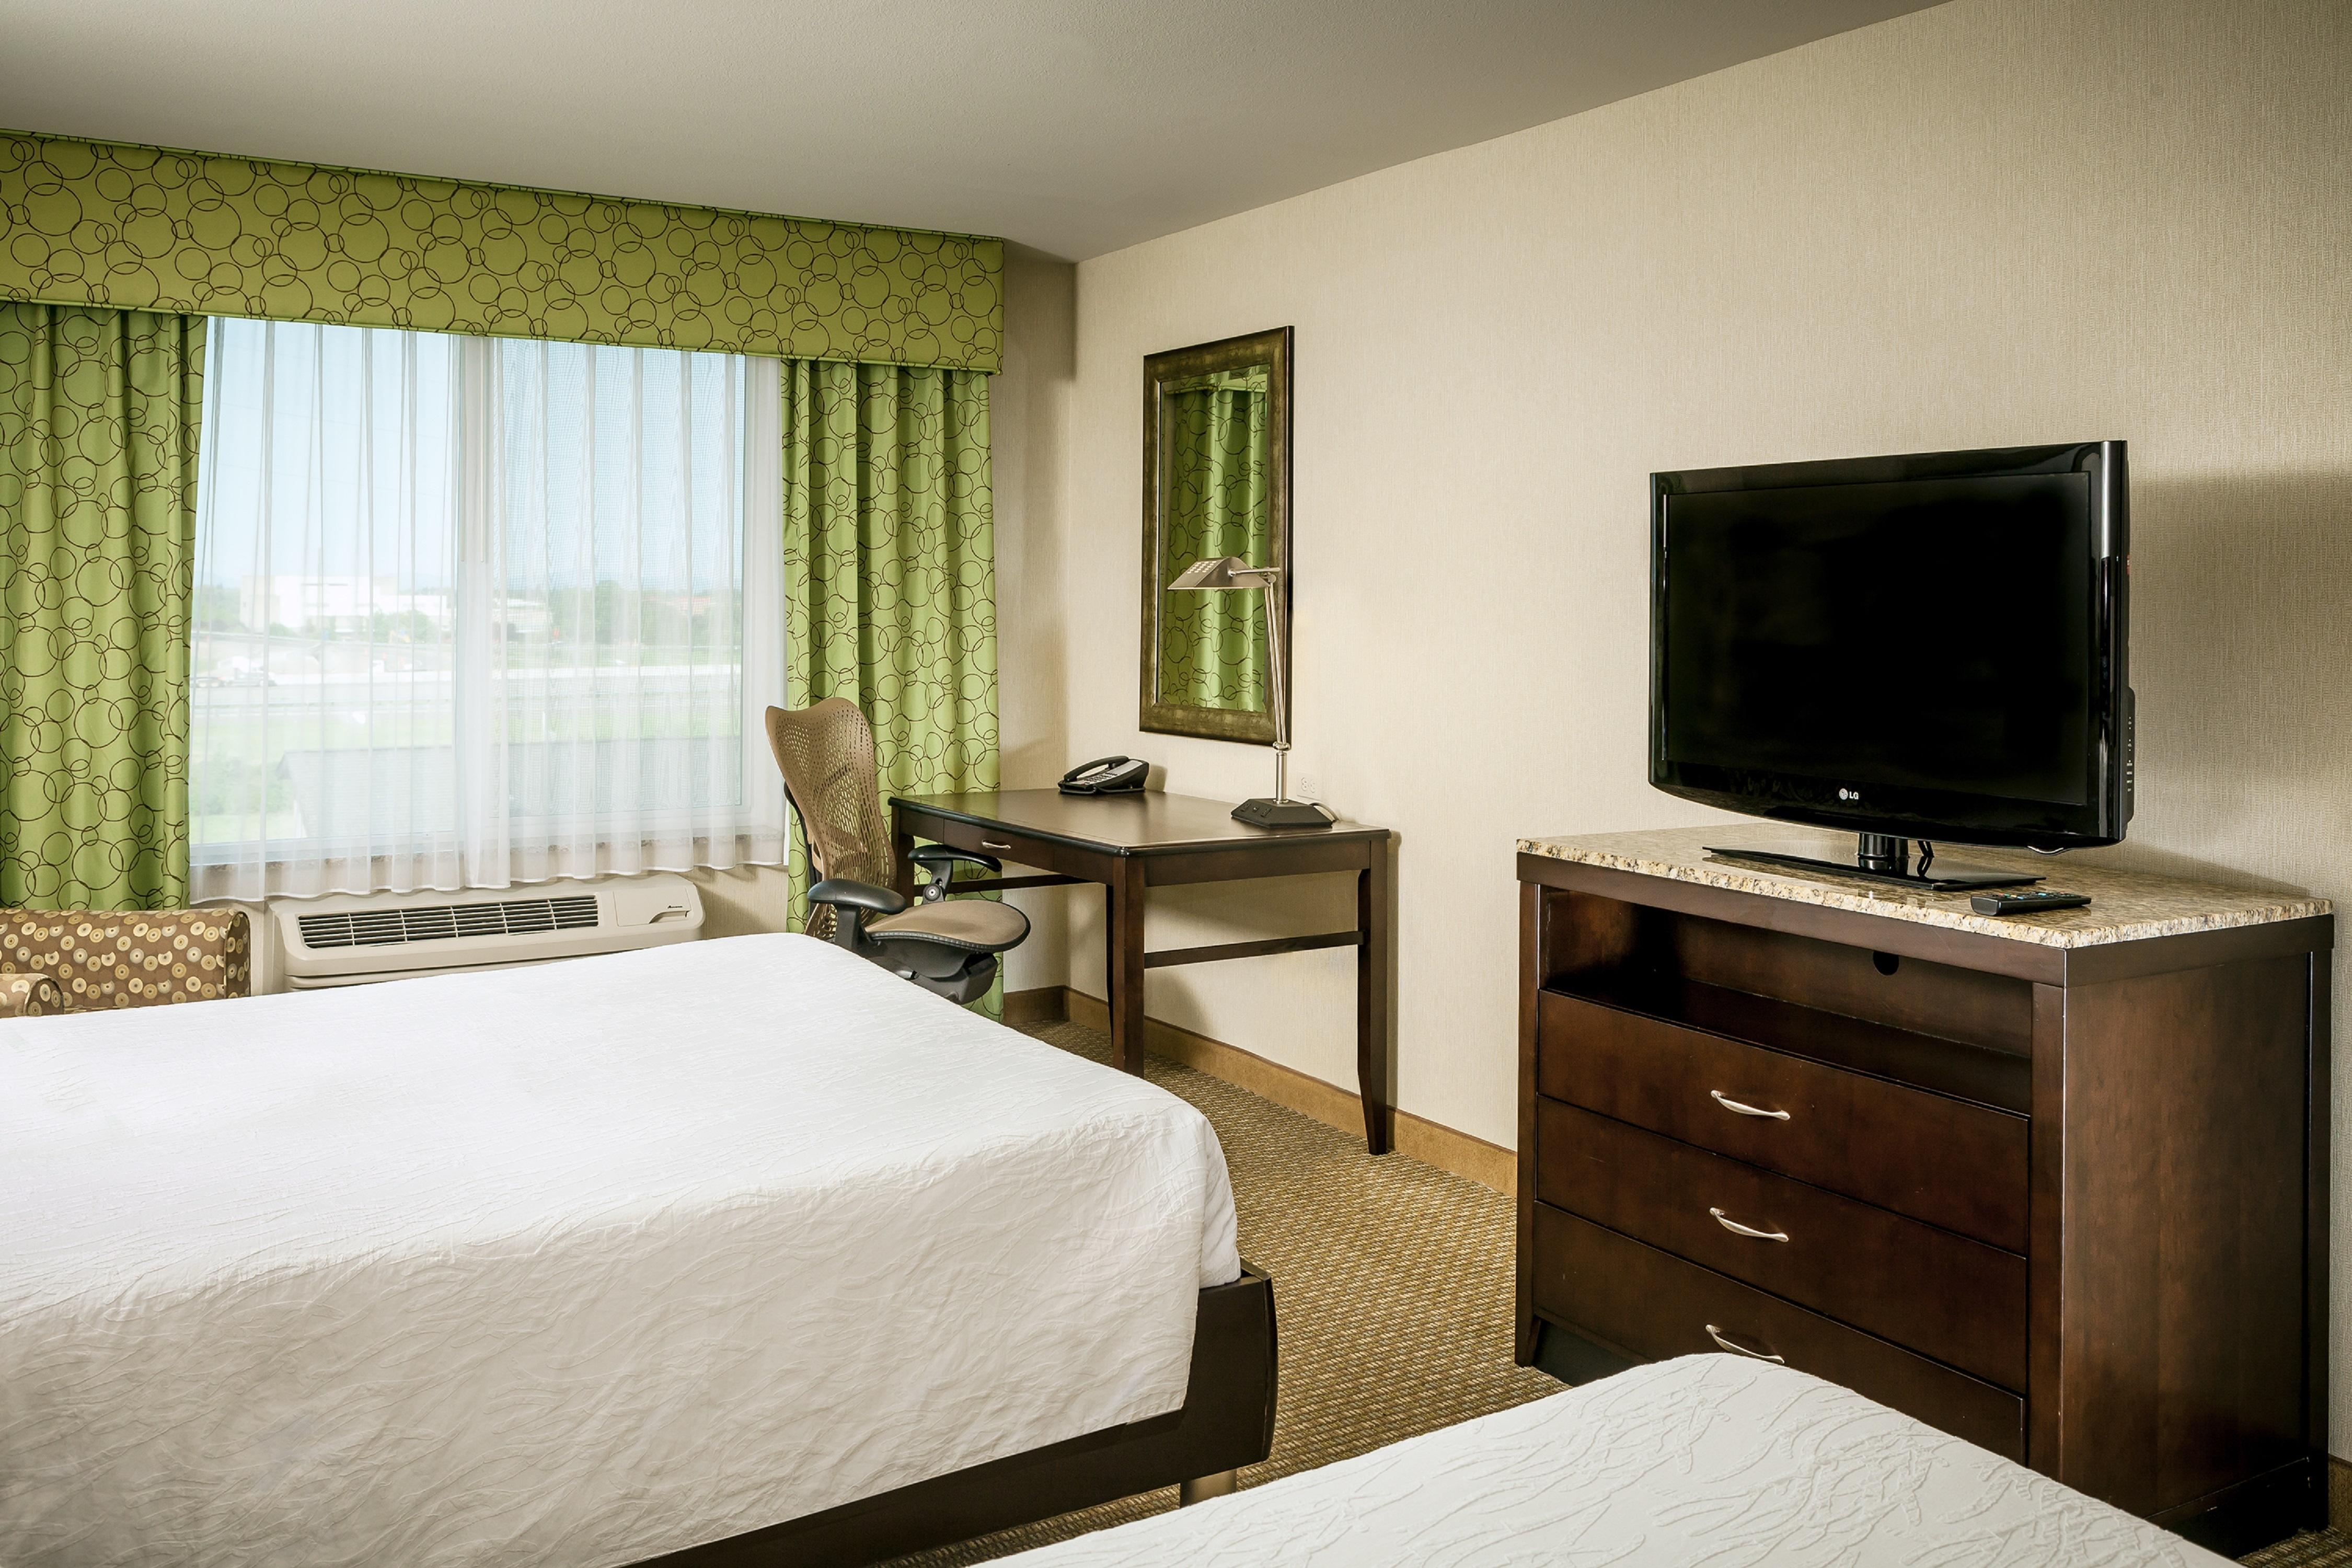 Hilton Garden Inn Seattle Bothell Wa In Bothell Wa